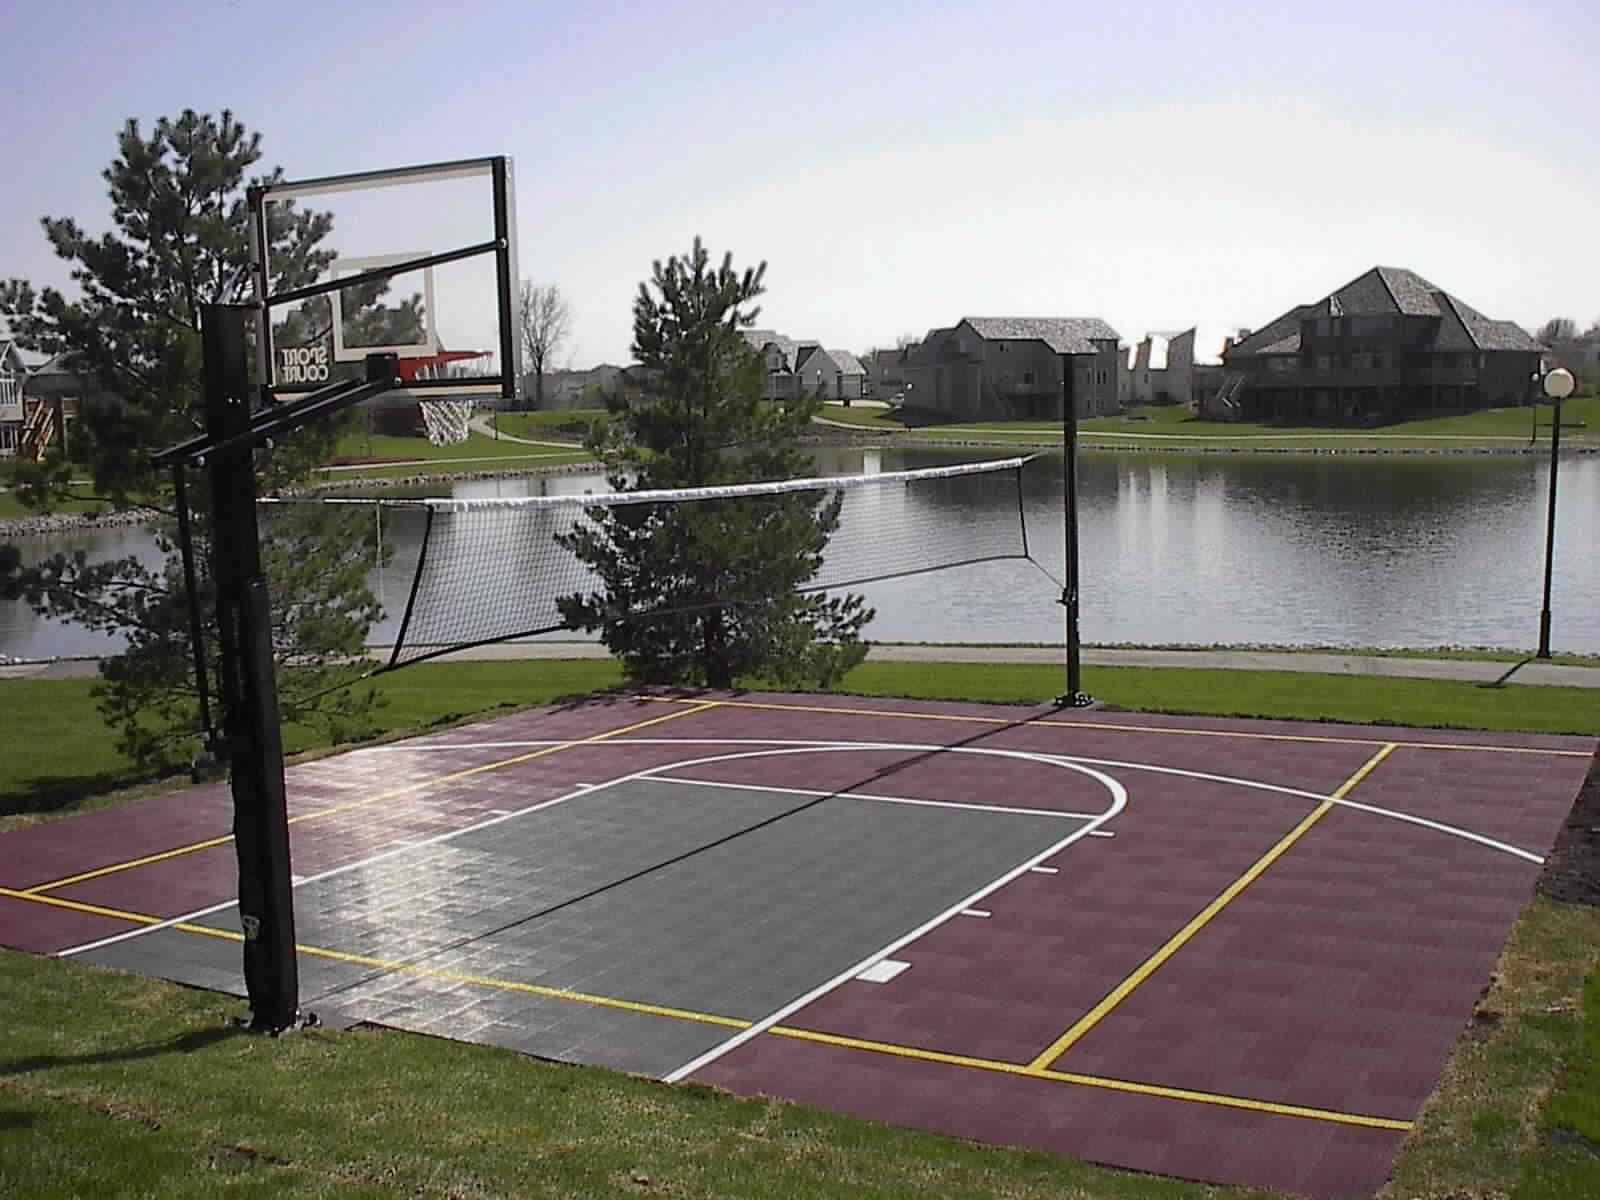 Backyard Sport Court Ideas backyard basketball court in la lakers colors Backyard Sports Court Sport Court Of Iowa Backyard Basketball Courts By Sport Court Of